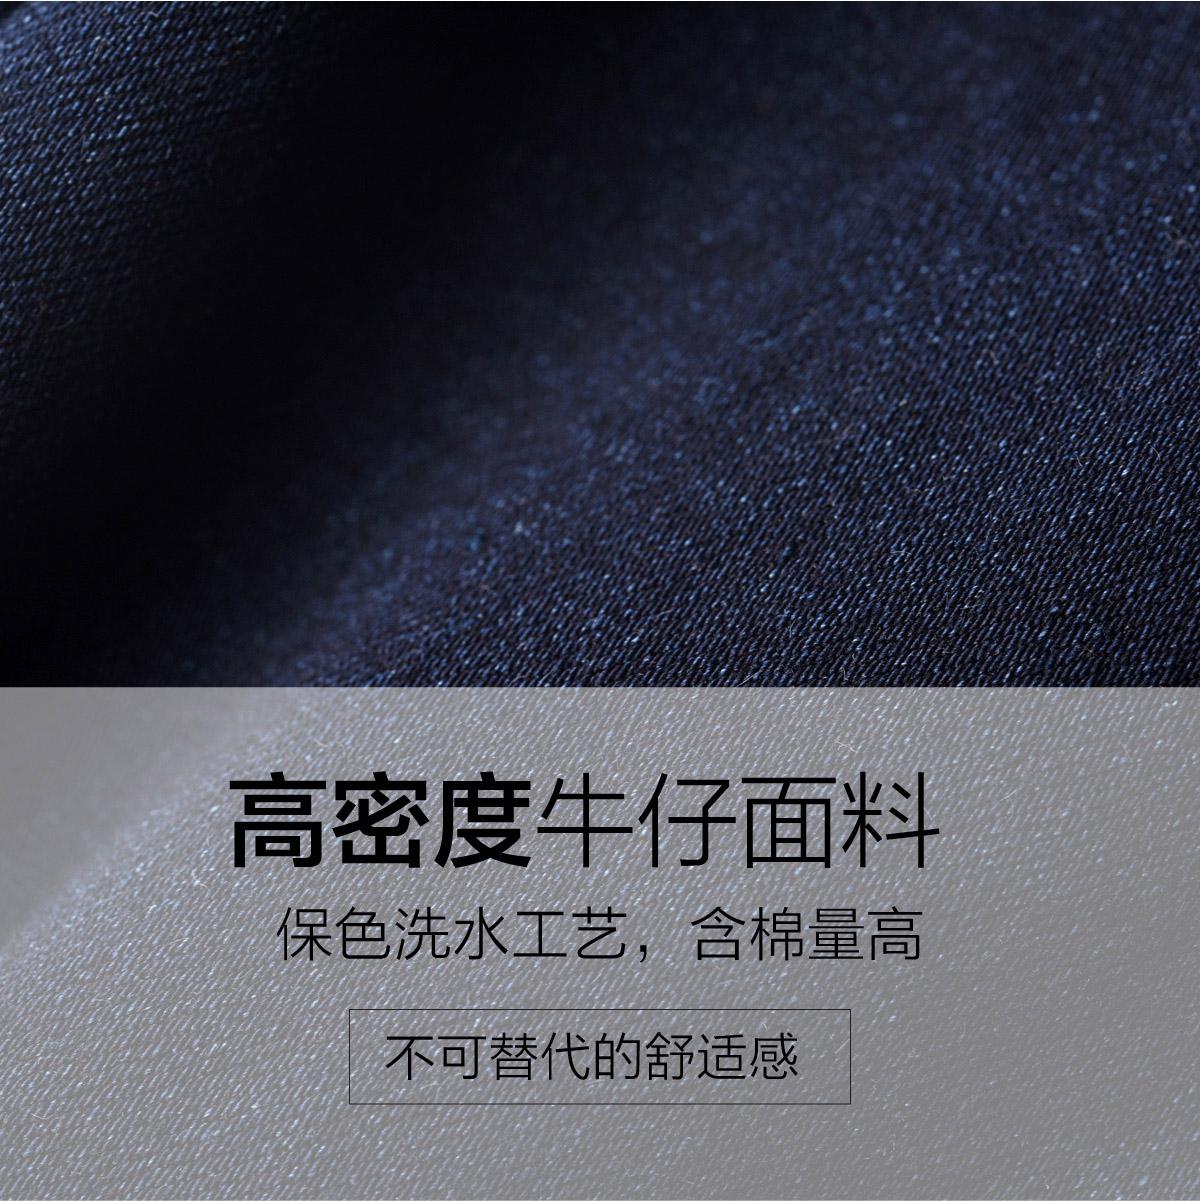 逸阳女裤2019春秋新款高腰牛仔裤女小脚修身铅笔裤大码黑色长裤子